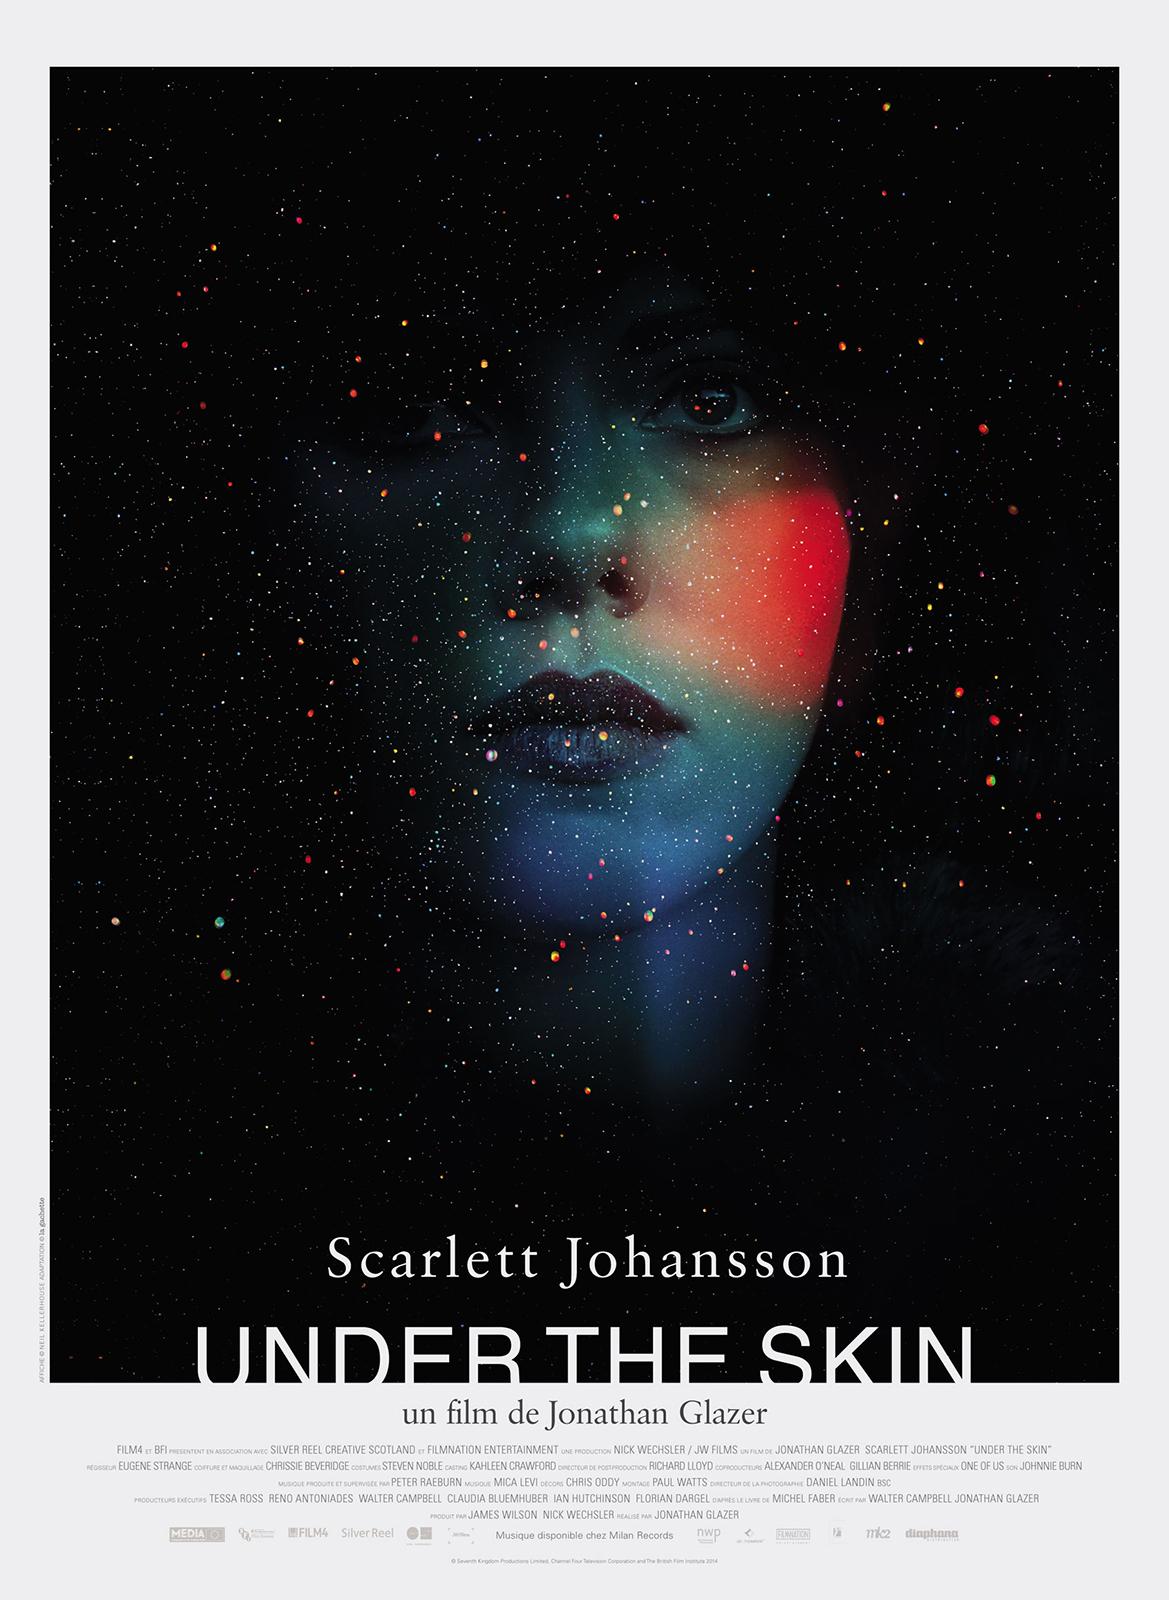 Under the Skin [VOSTFR] dvdrip